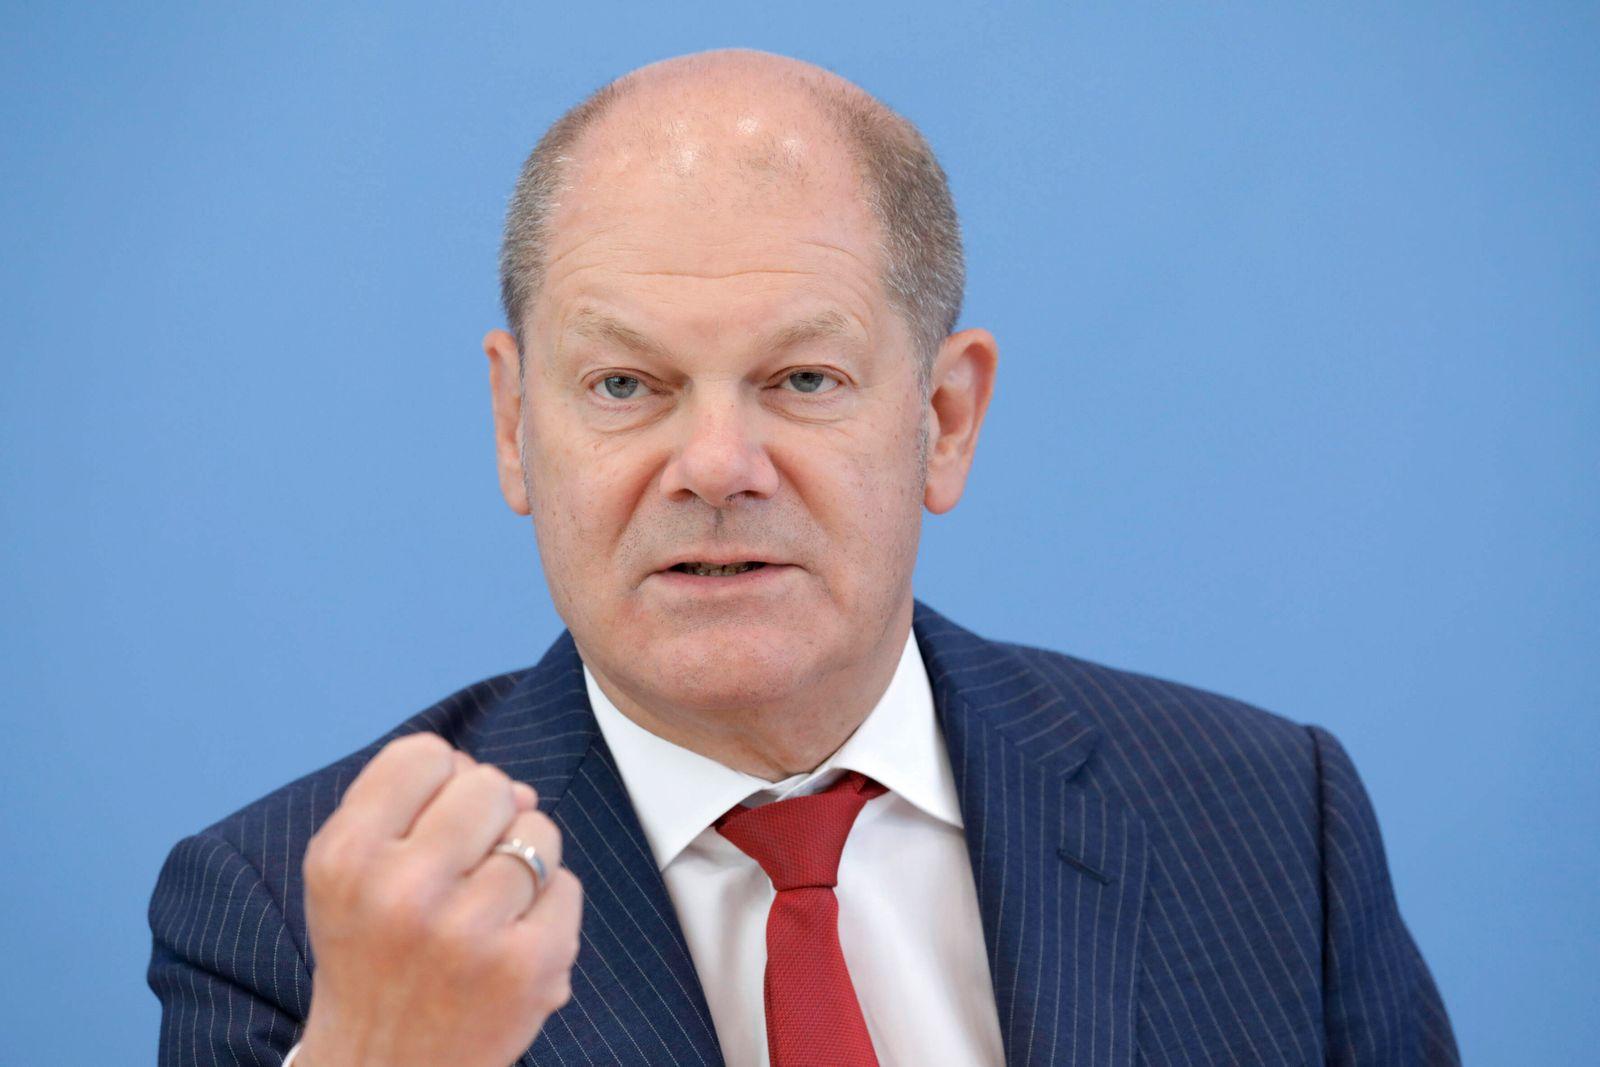 Olaf Scholz, Bundesminister der Finanzen, SPD, PK zu Nachtragshaushalt, DEU, Berlin, 17.06.2020 *** Olaf Scholz, Federa